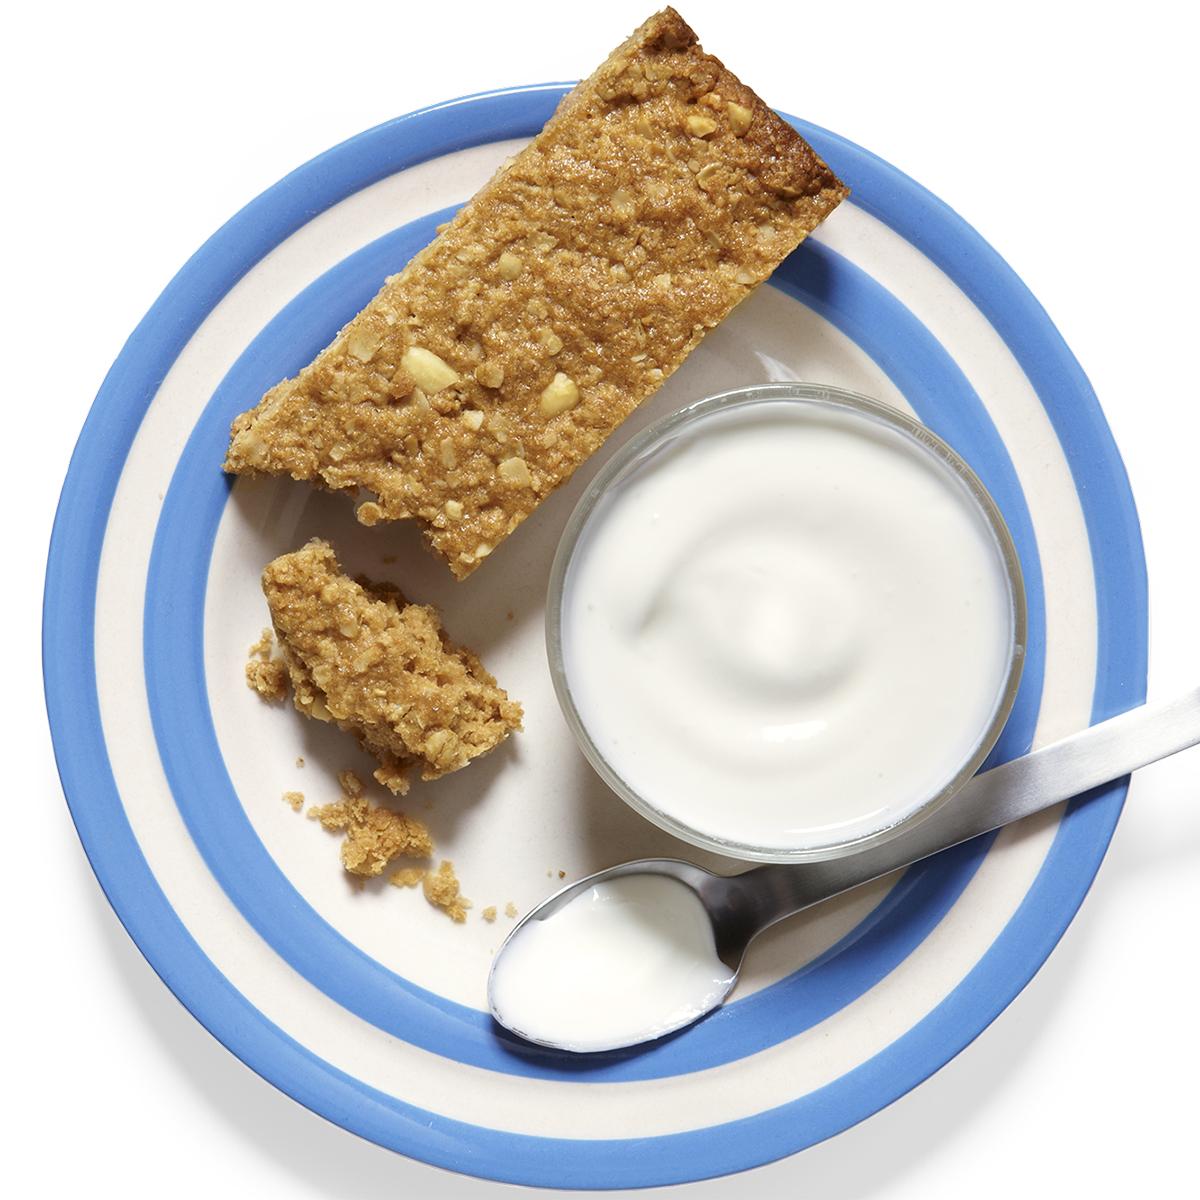 Sweet & Salty Granola Energy Bars with Yogurt